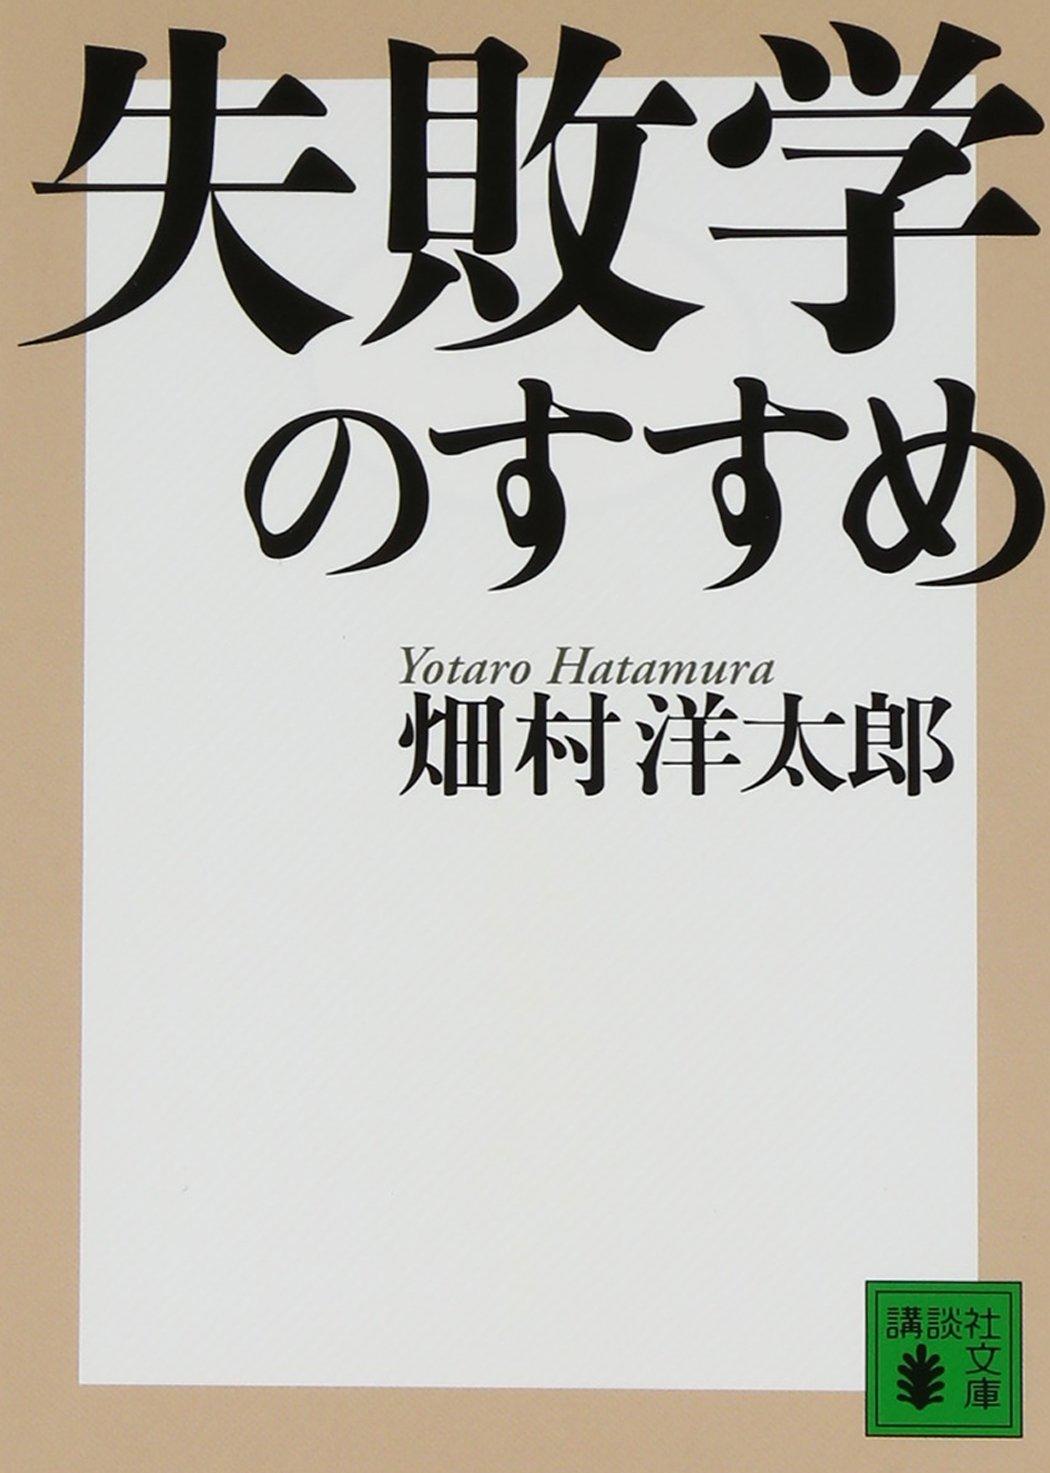 畑村 洋太郎(Yotaro Hatamura)Amazonより